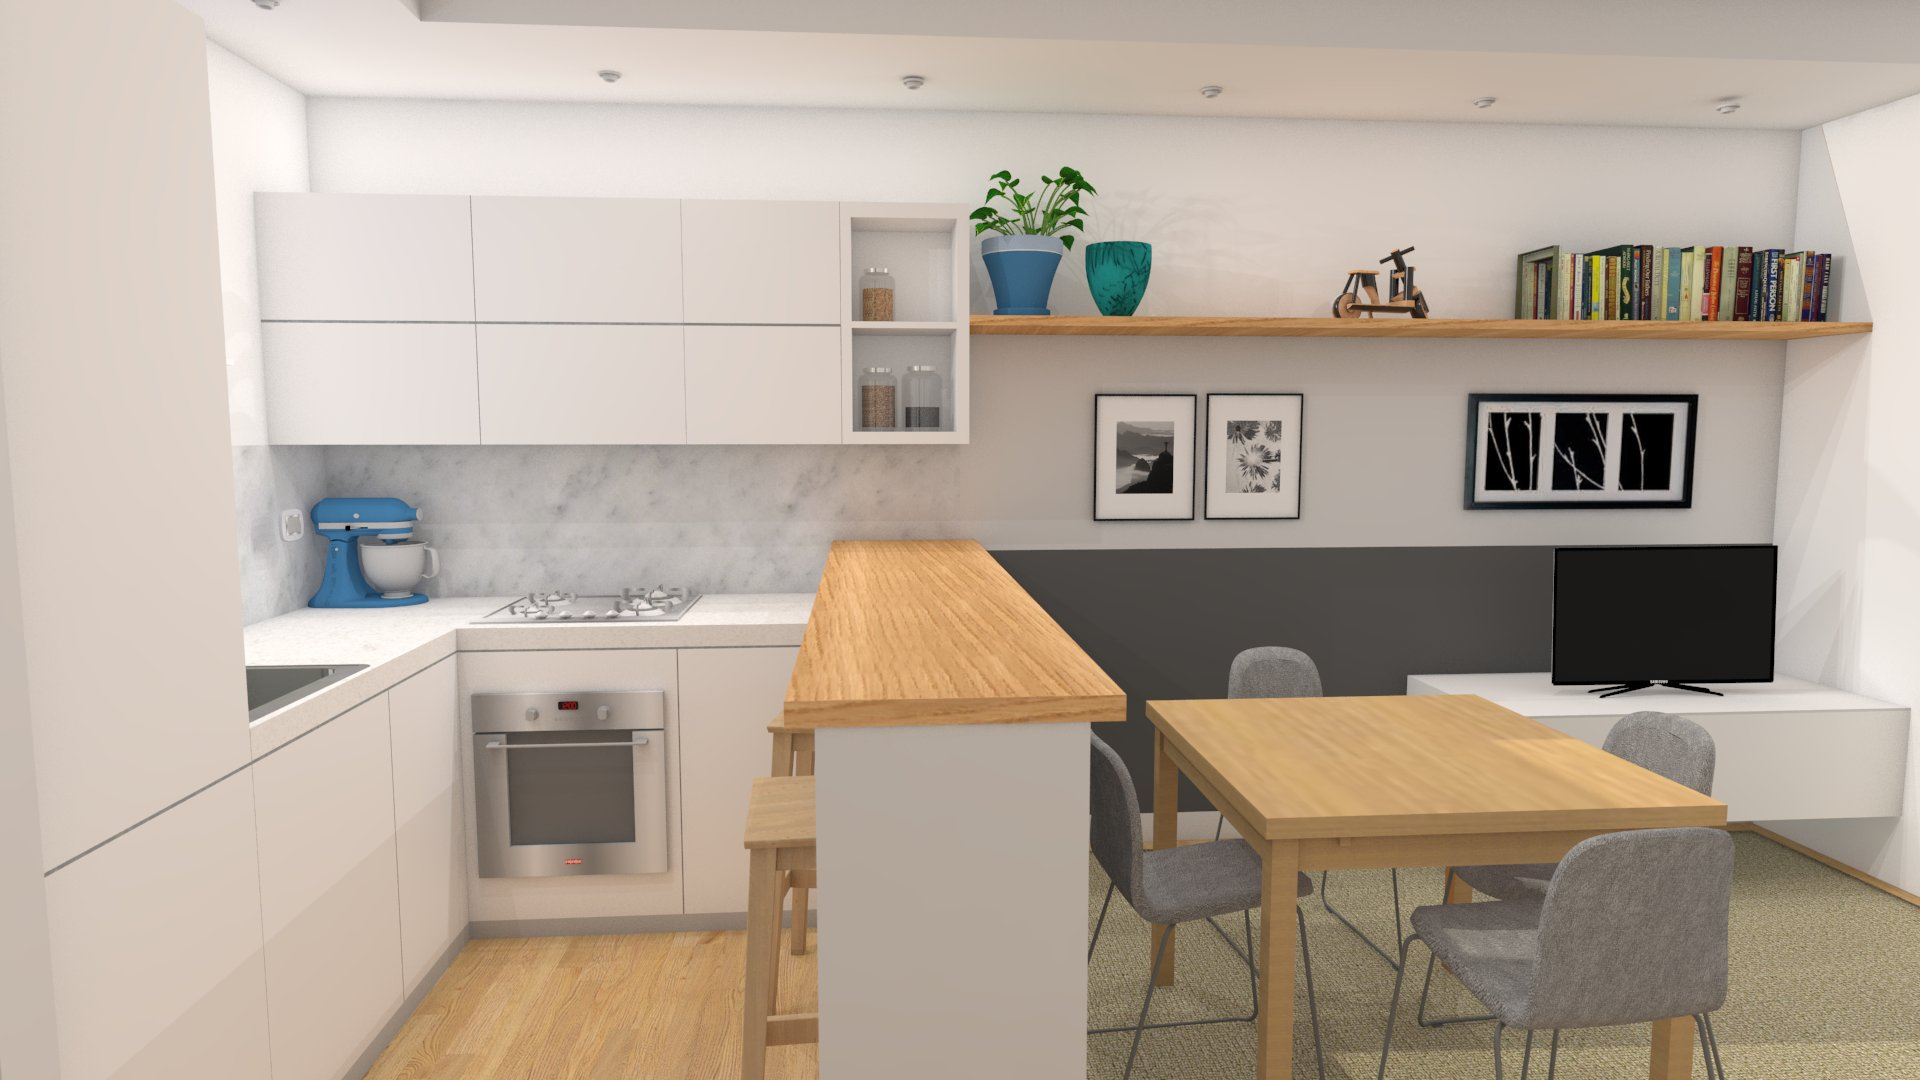 Un soggiorno di stile per un piccolo budget easyrelooking for Soggiorno con cucina a vista